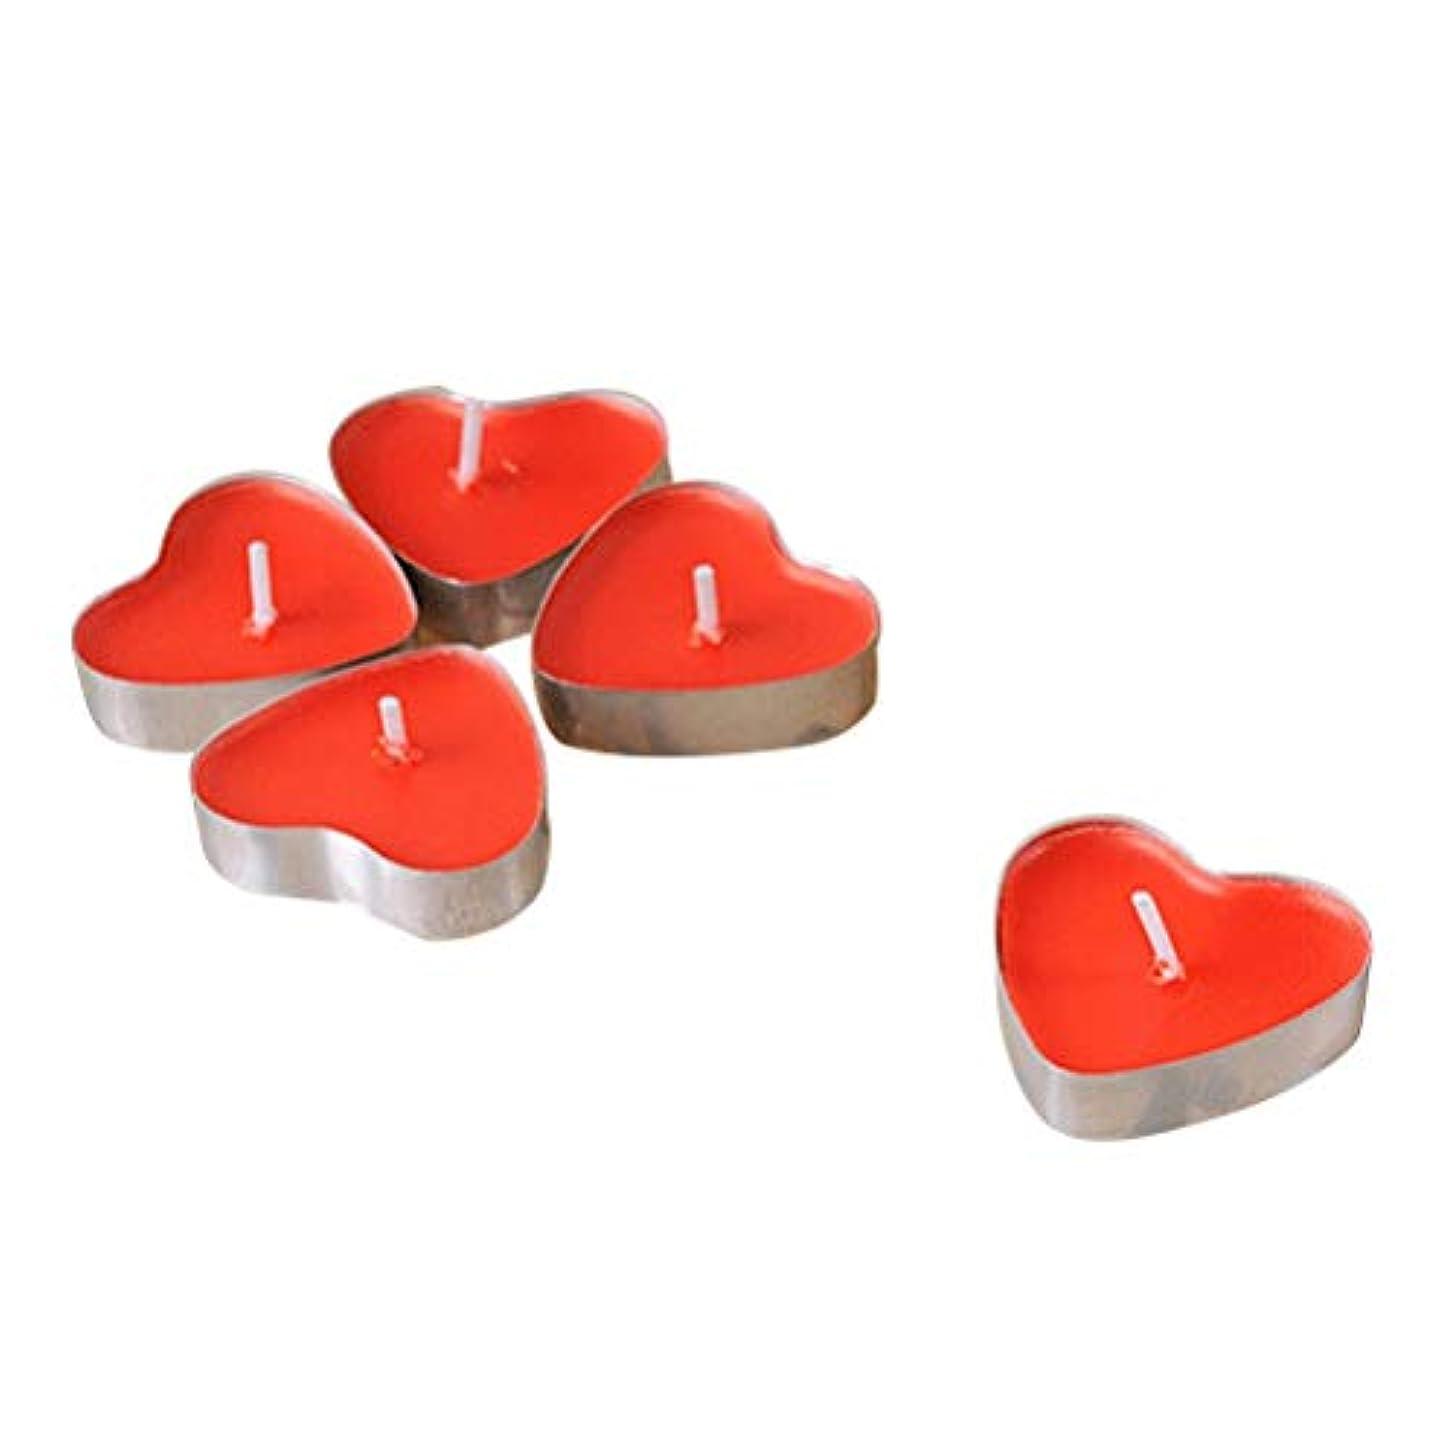 骨の折れる貫通するはいVORCOOL 50本禁煙ロマンチックな蝋燭の結婚提案ハート型のろうそくの蝋燭